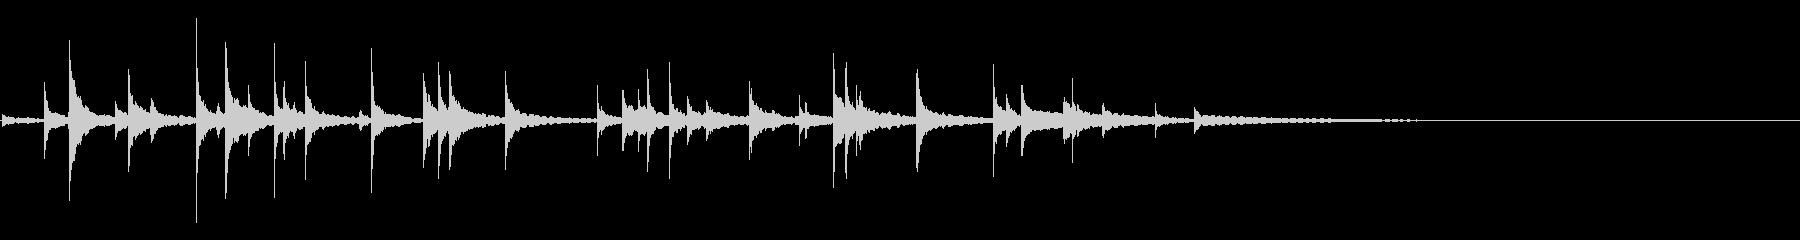 ベルチャイムリンギングパイプの未再生の波形